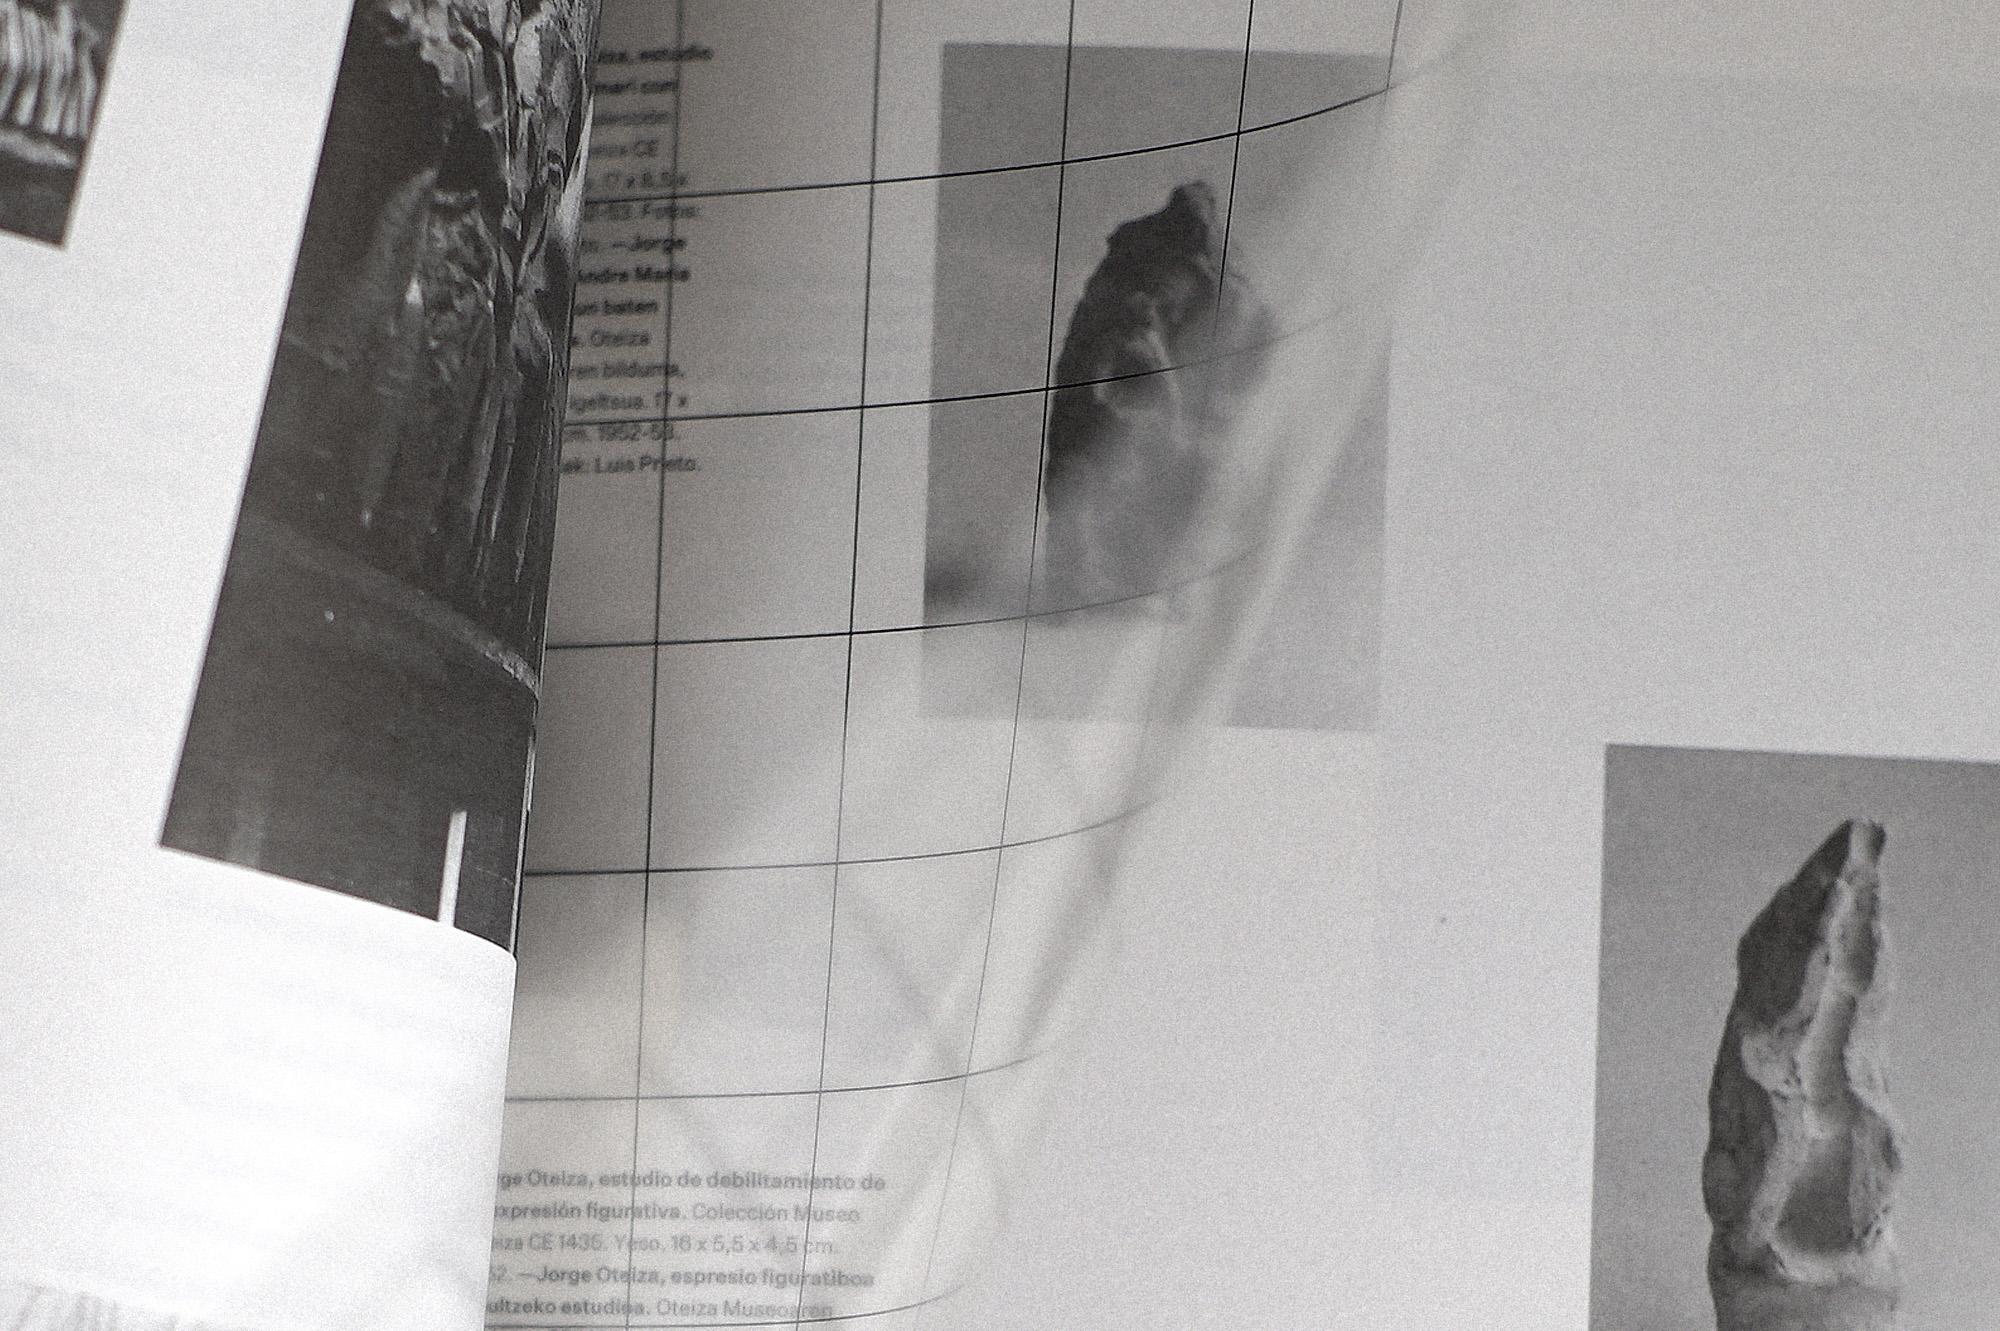 Oteiza en Arantzazu / Oteiza Arantzazun by Franziska Estudio - Creative Work - $i